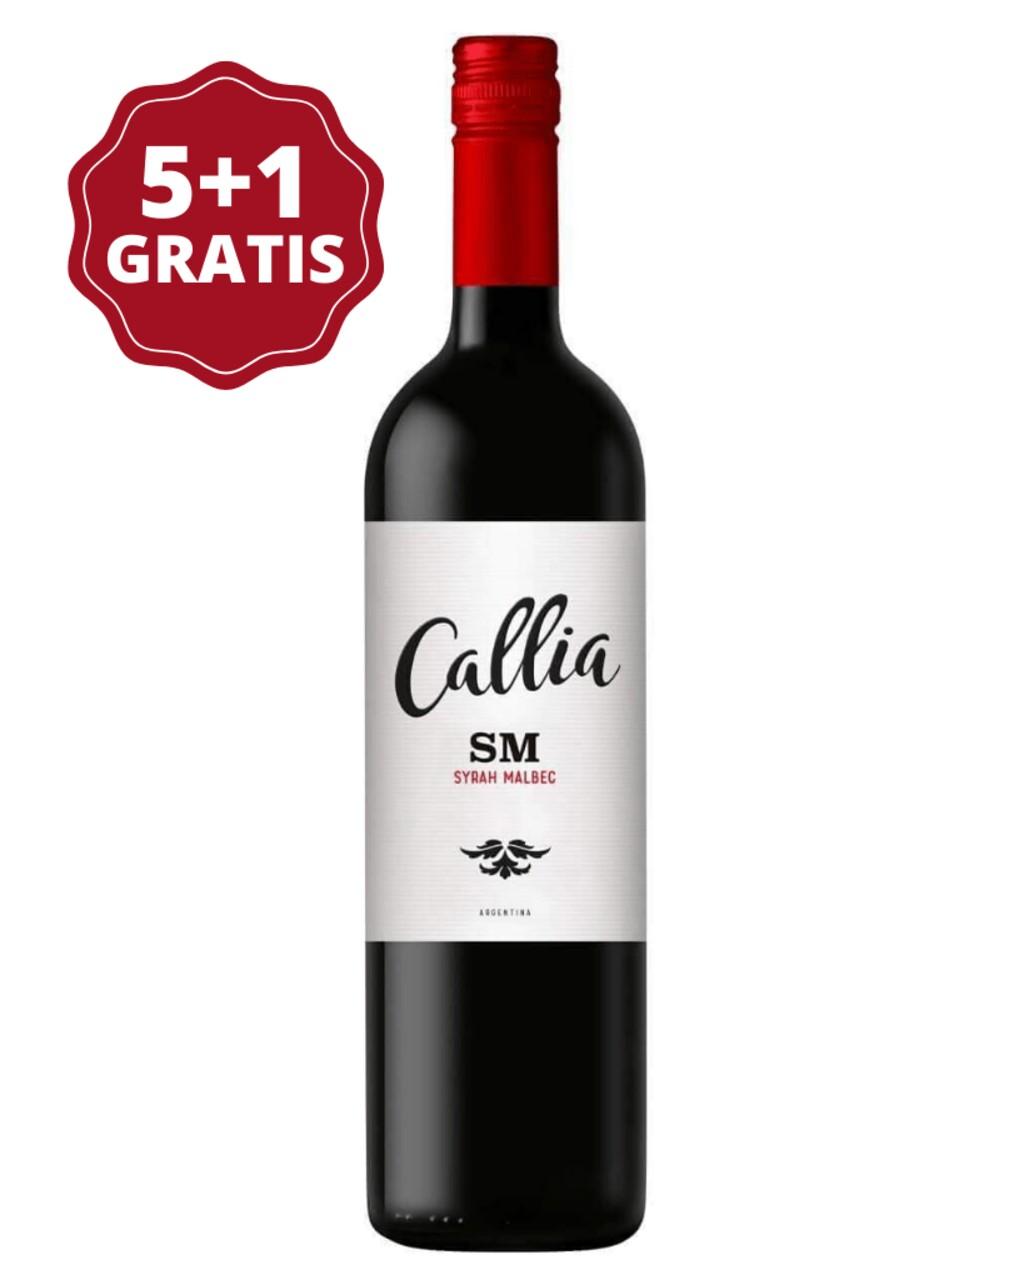 Callia Alta Shiraz - Malbec 5+1